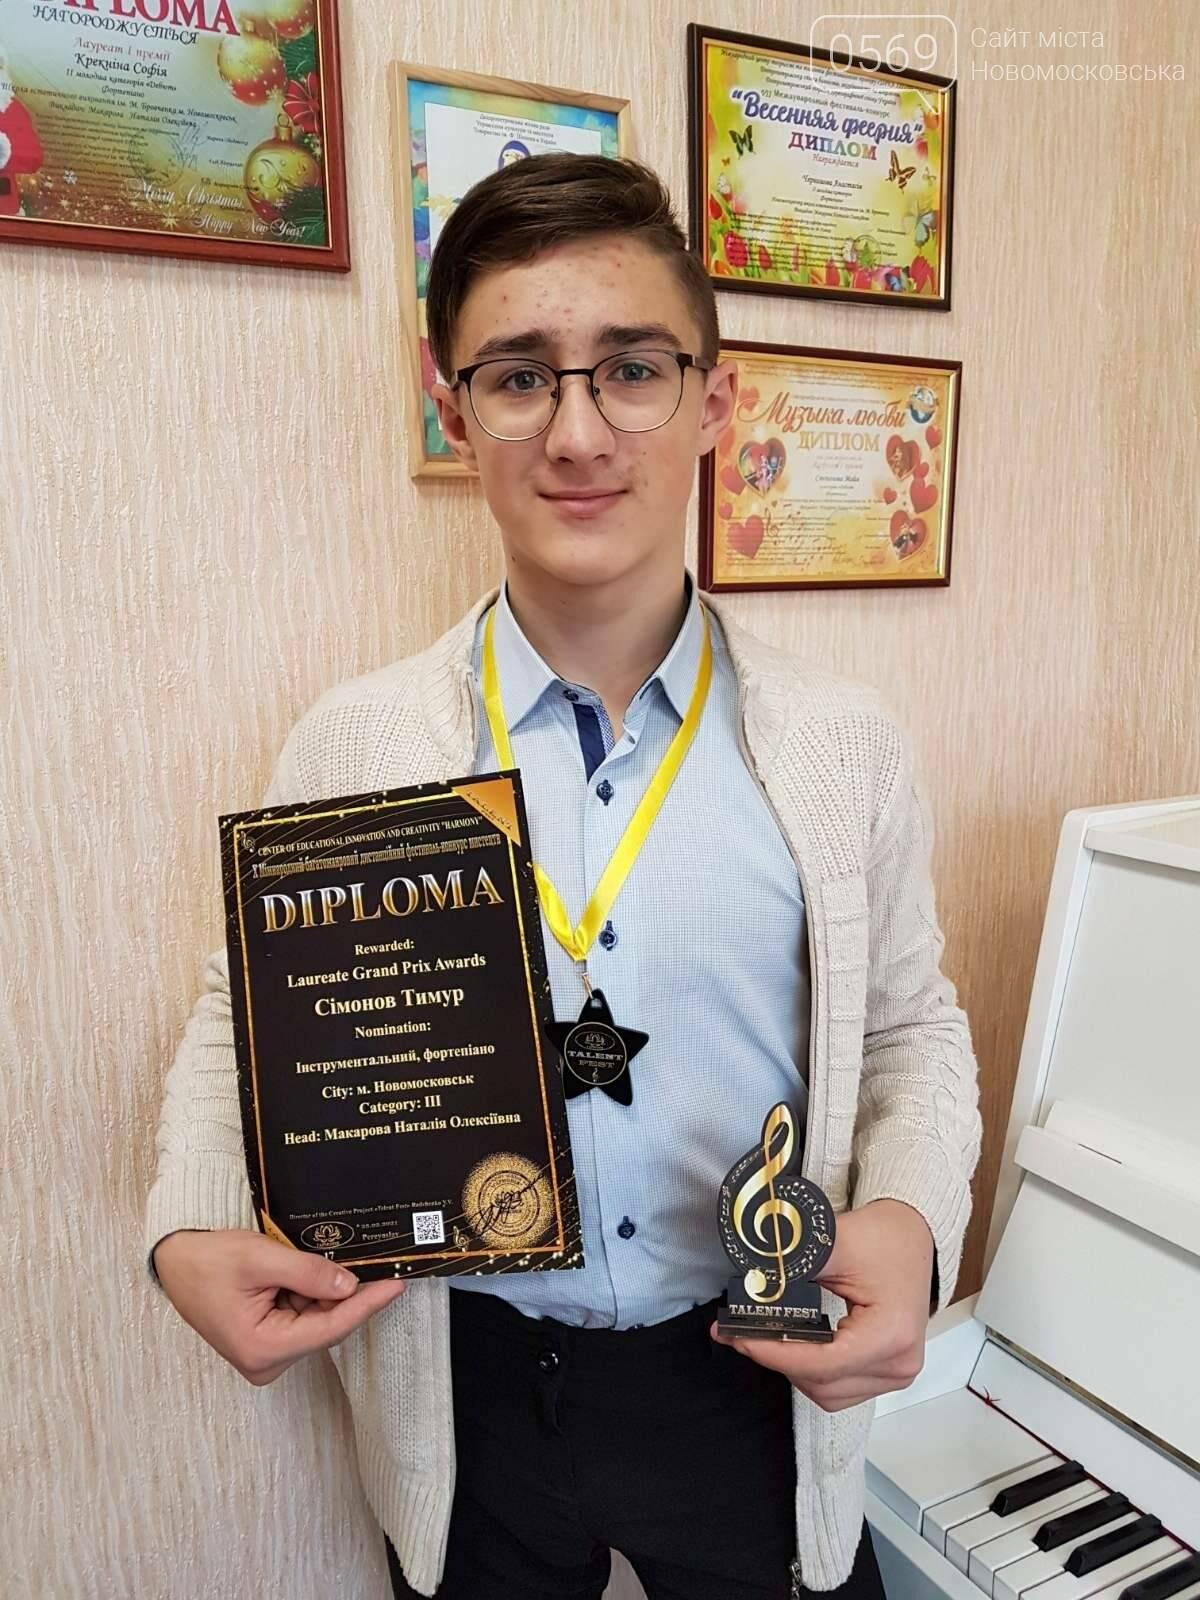 Учень Новомосковської мистецької школи здобув Гран-прі міжнародного конкурсу, фото-1